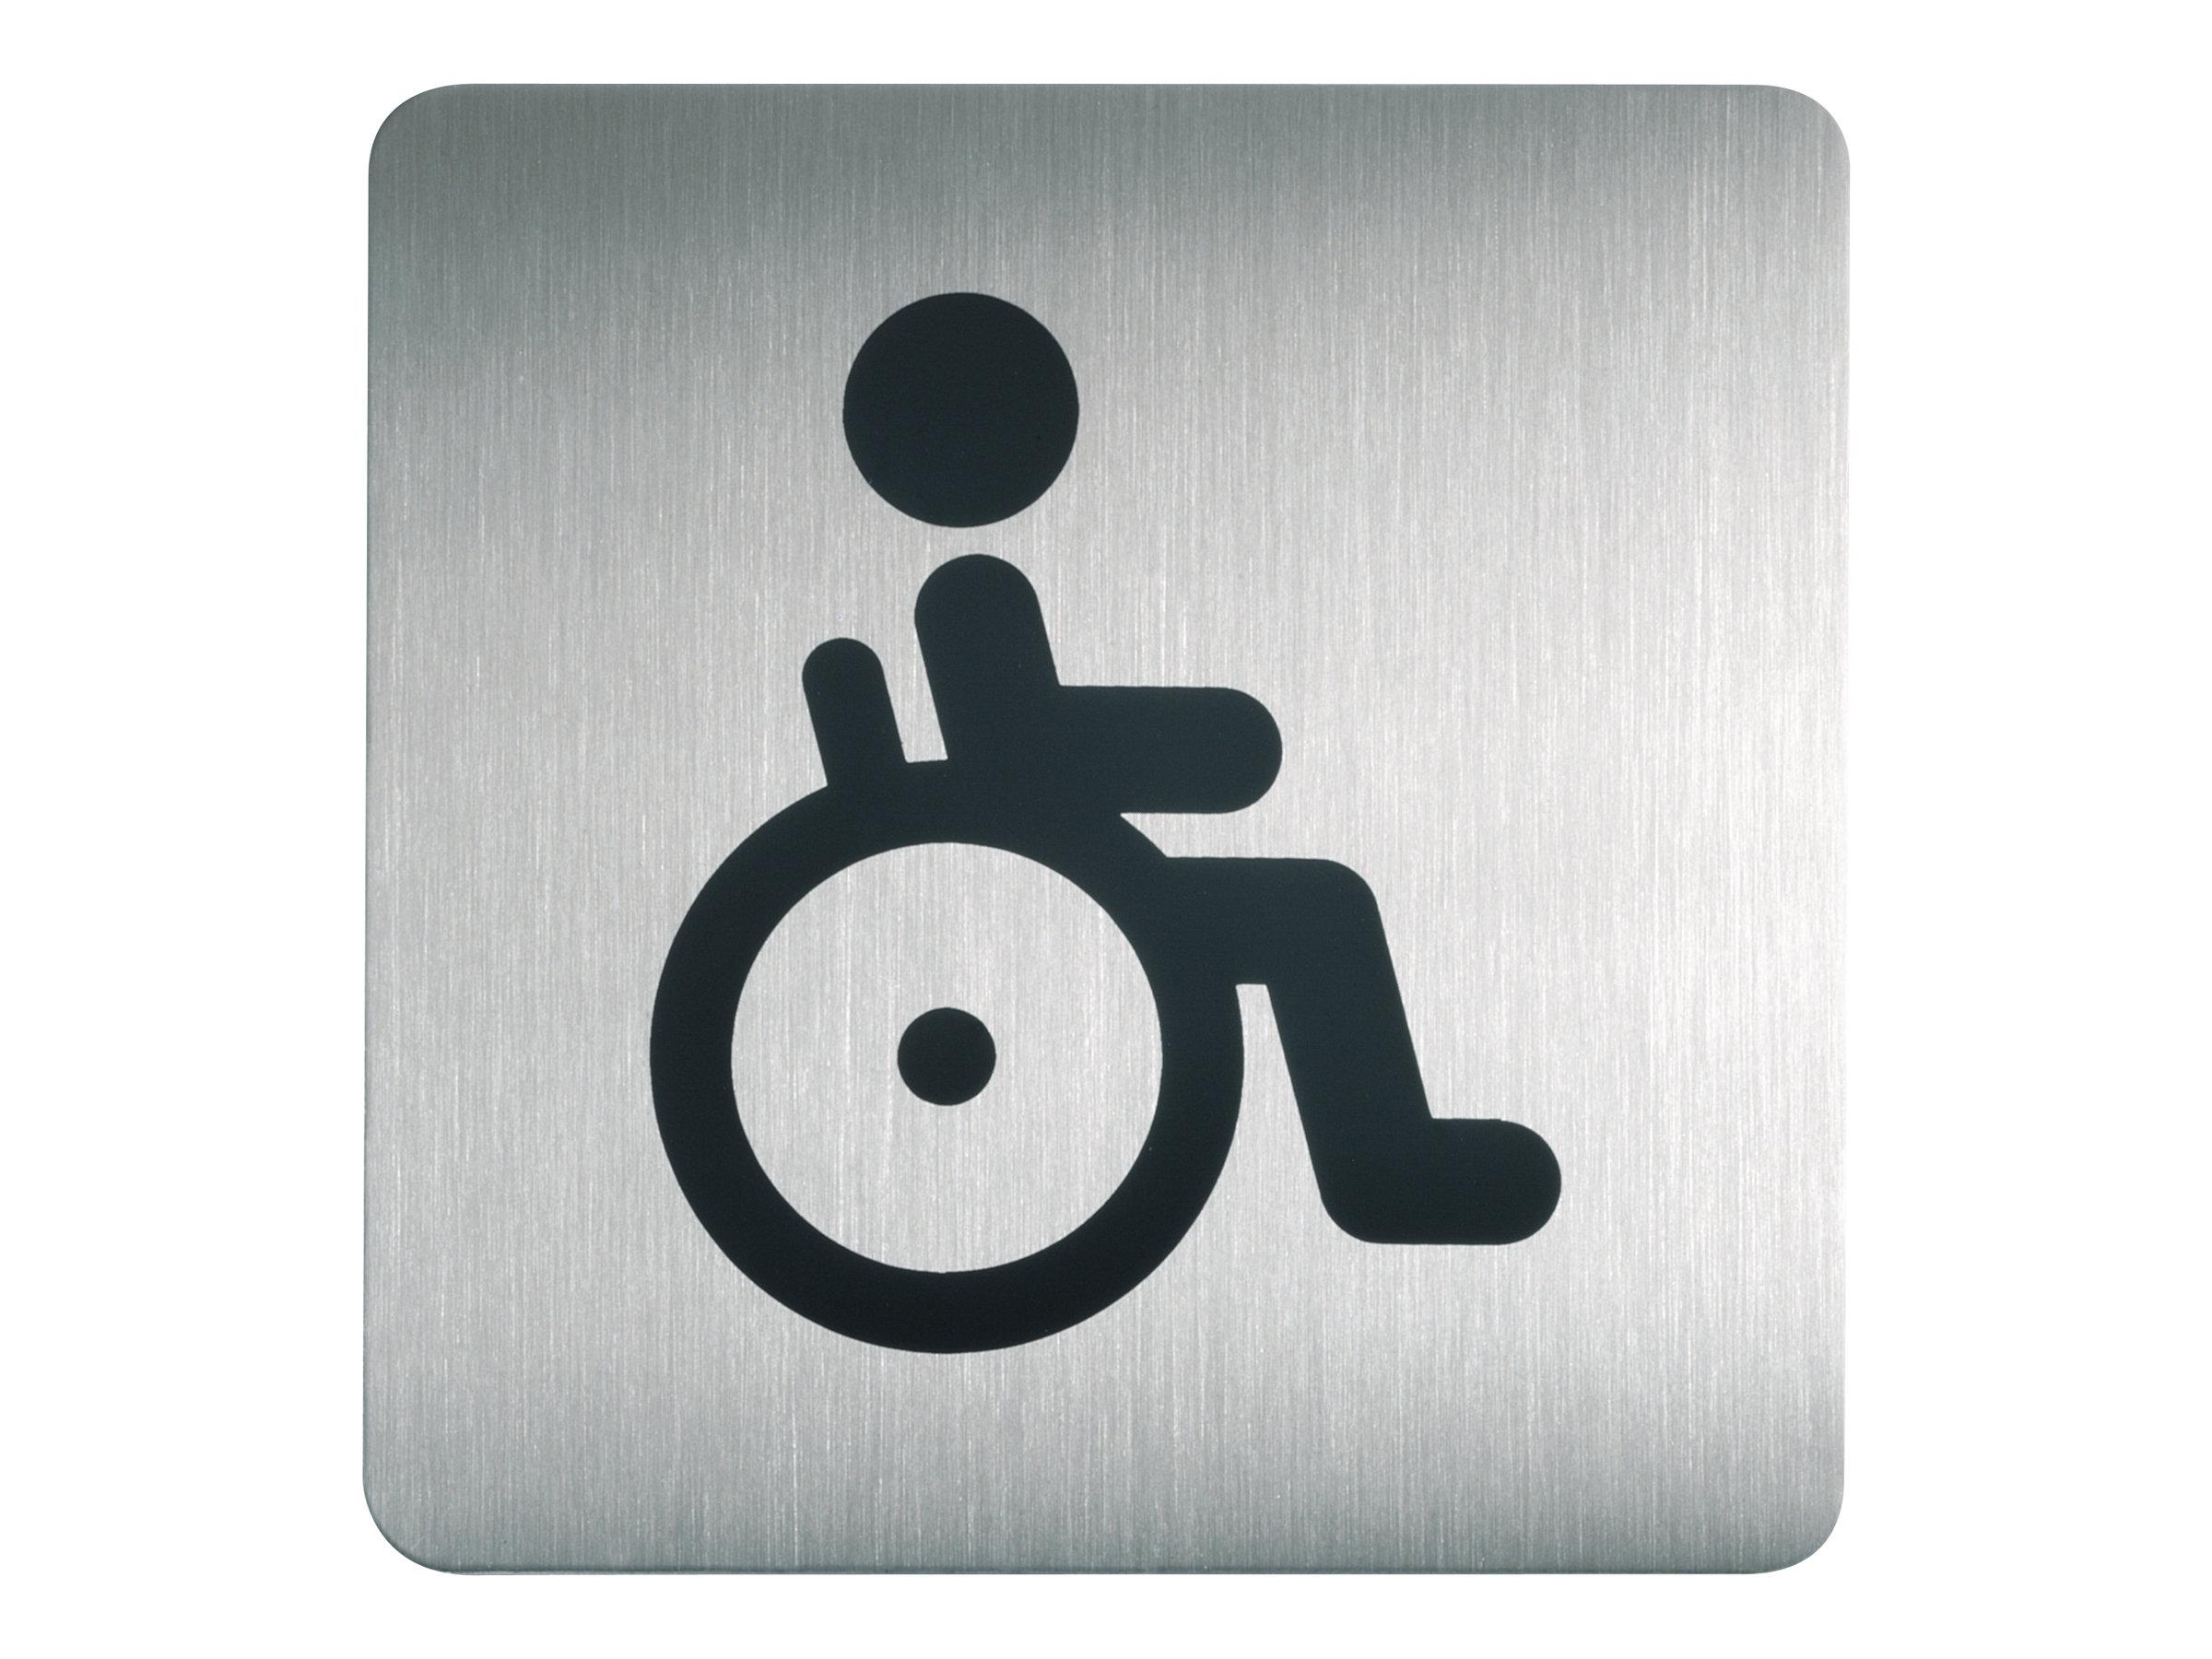 DURABLE PICTO - Pictogramme - toilettes pour personnes handicapées - 150 x 150 mm